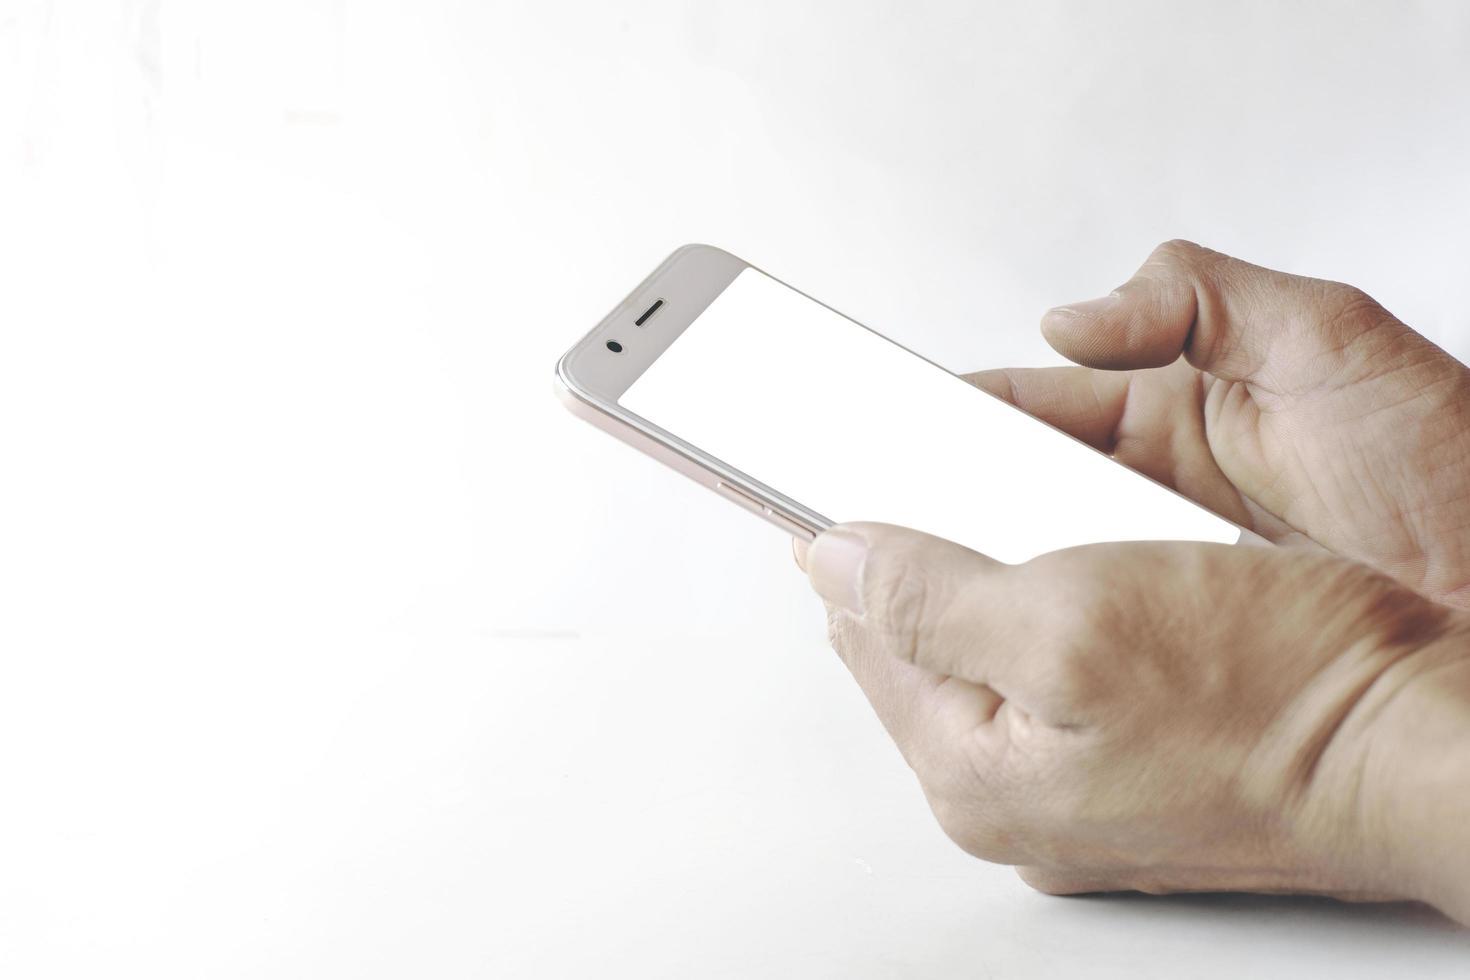 maquette de téléphone mobile avec écran blanc isolé sur fond blanc photo